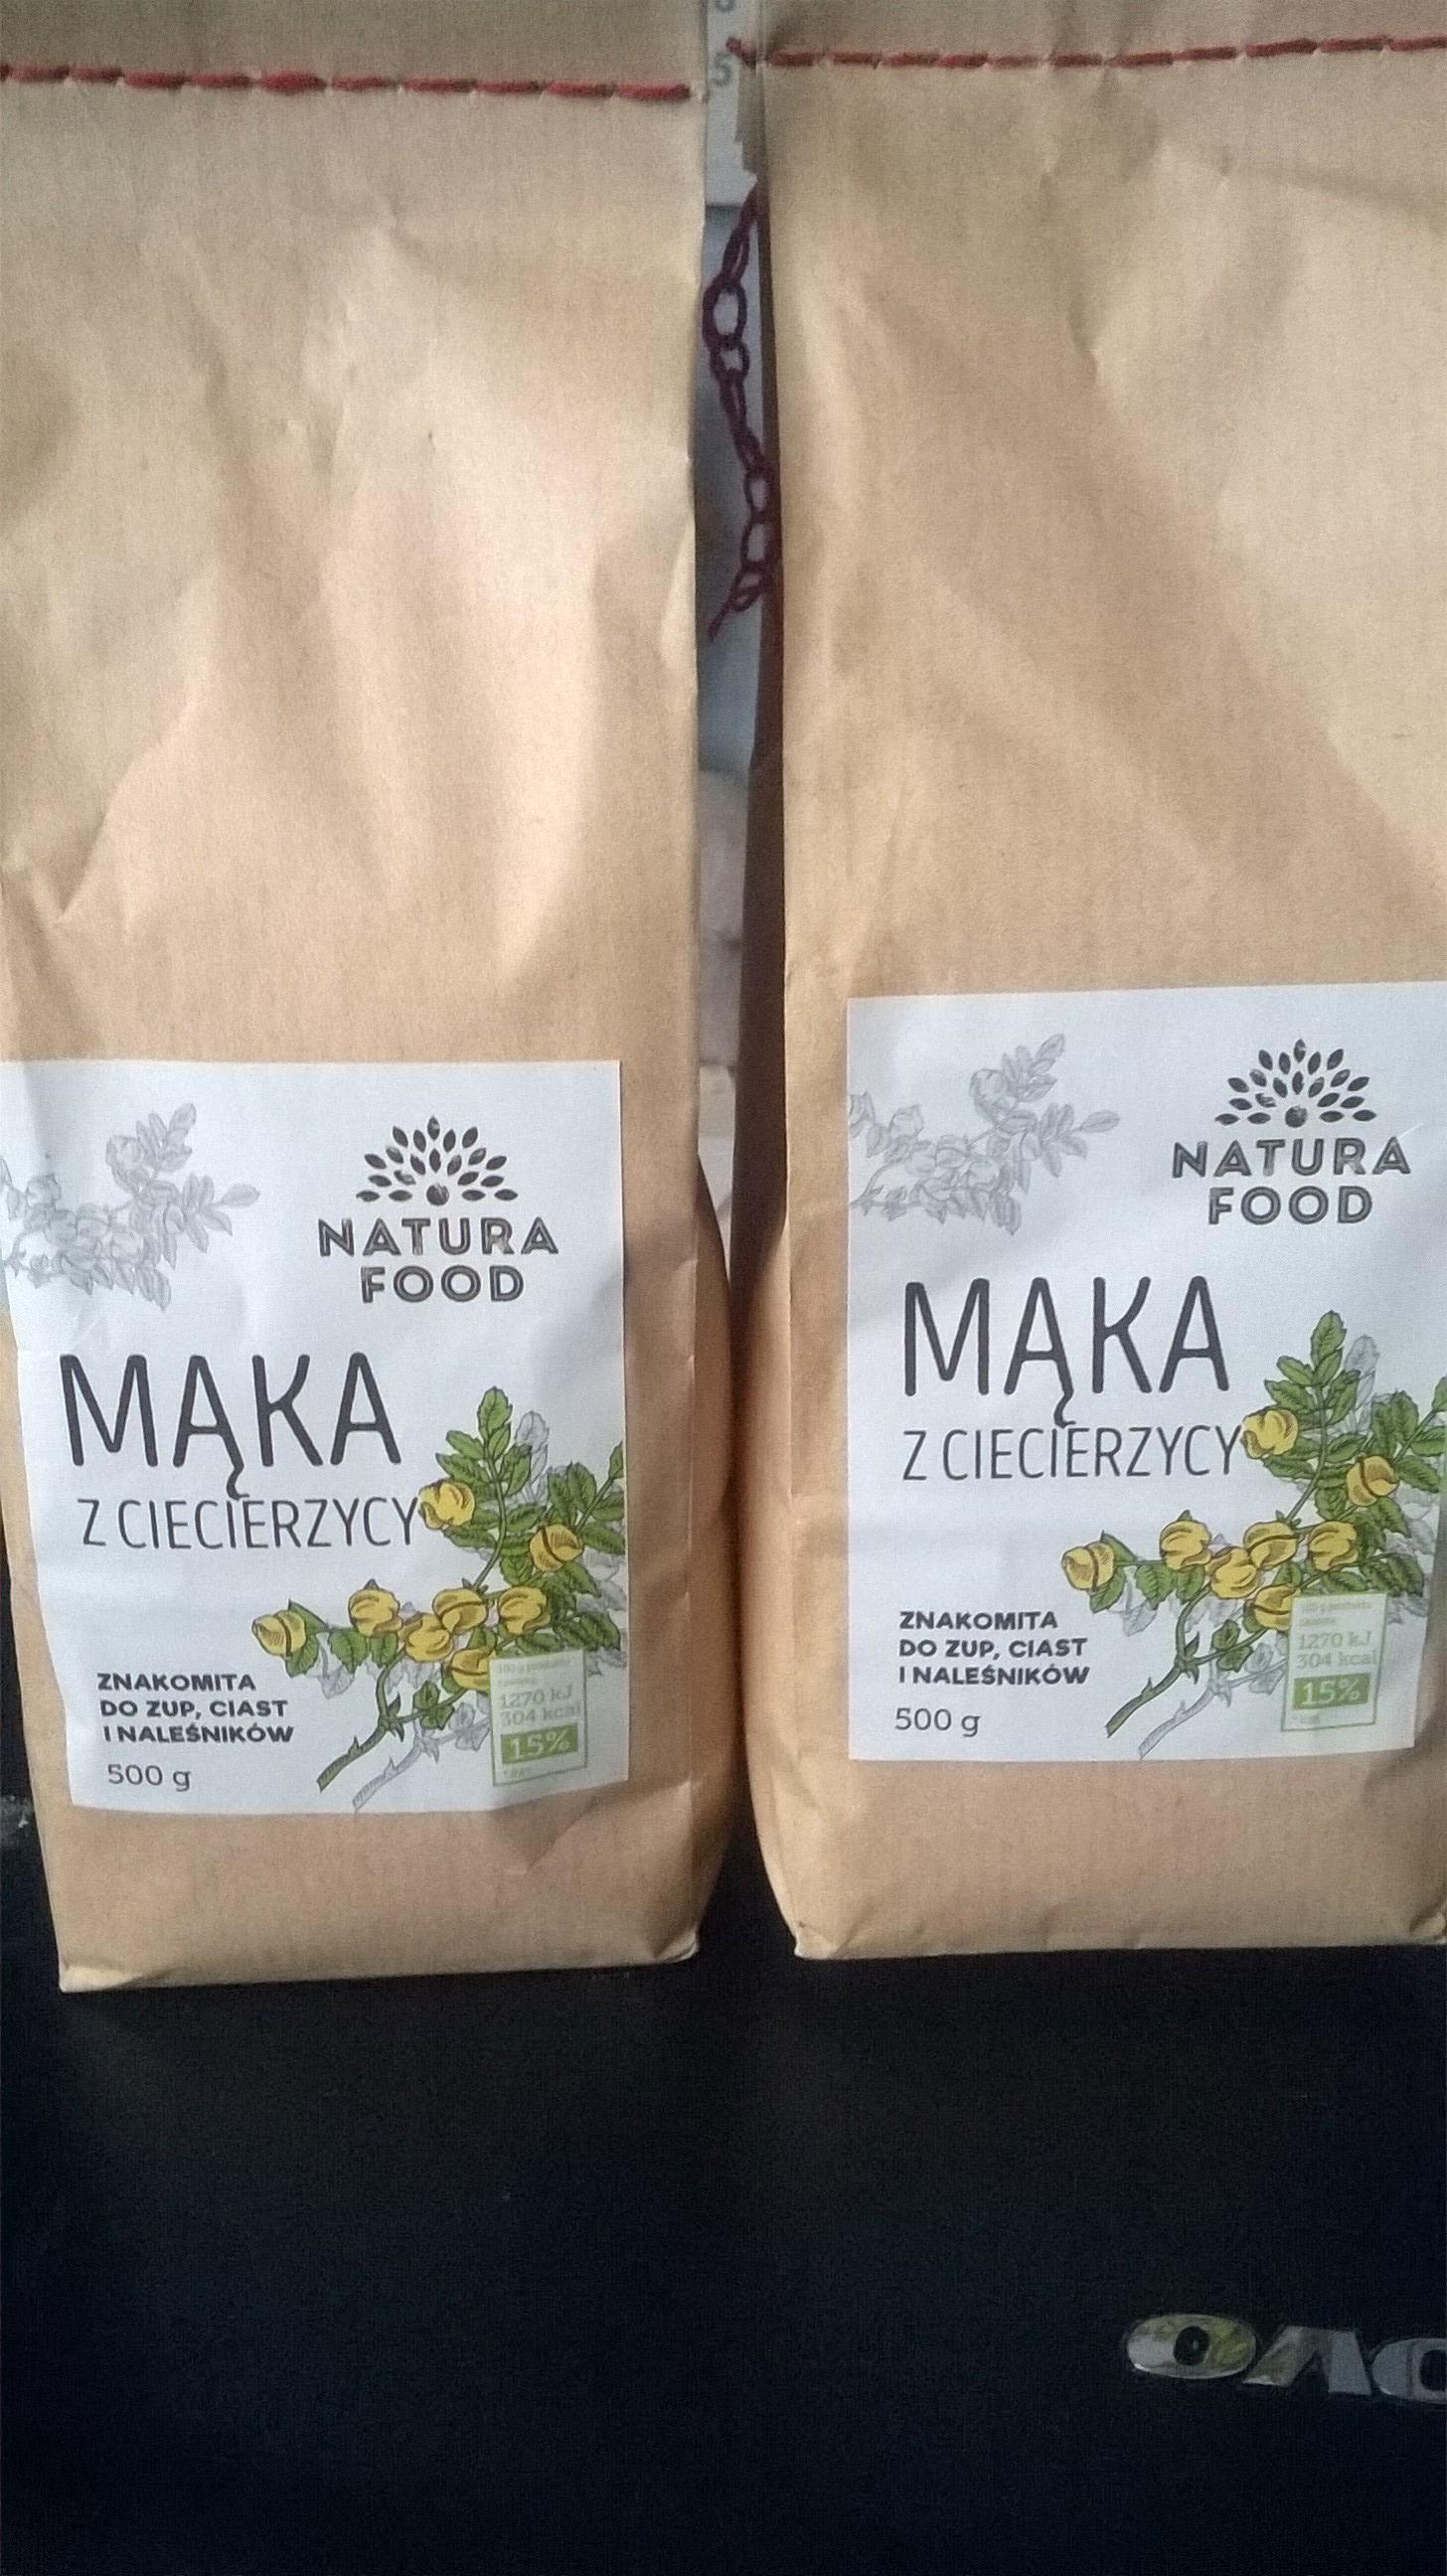 Mąka z ciecierzycy za 1,99 w Biedronce